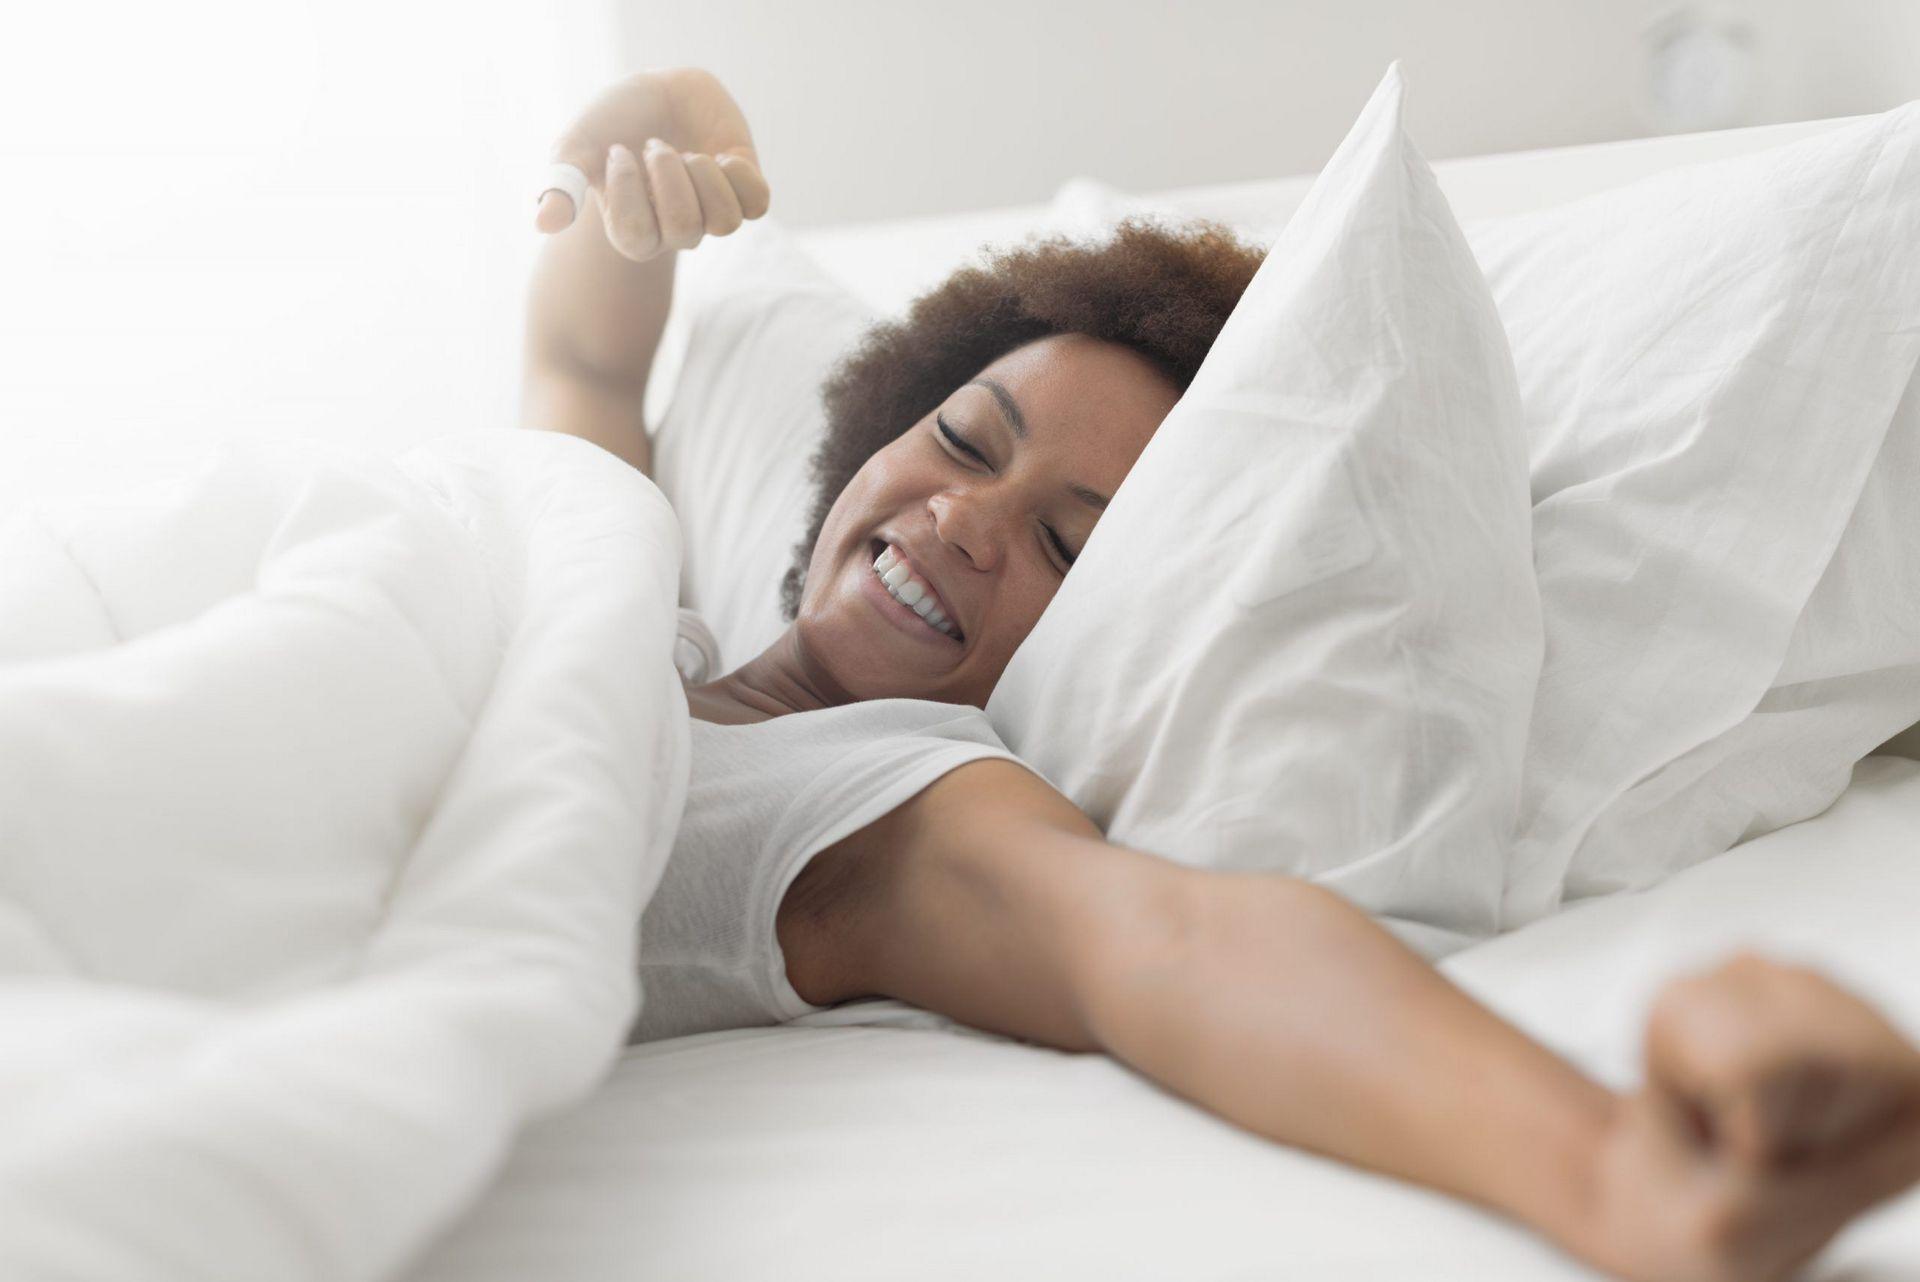 Slaap comfortabel op vakantie met je eigen beddengoed!